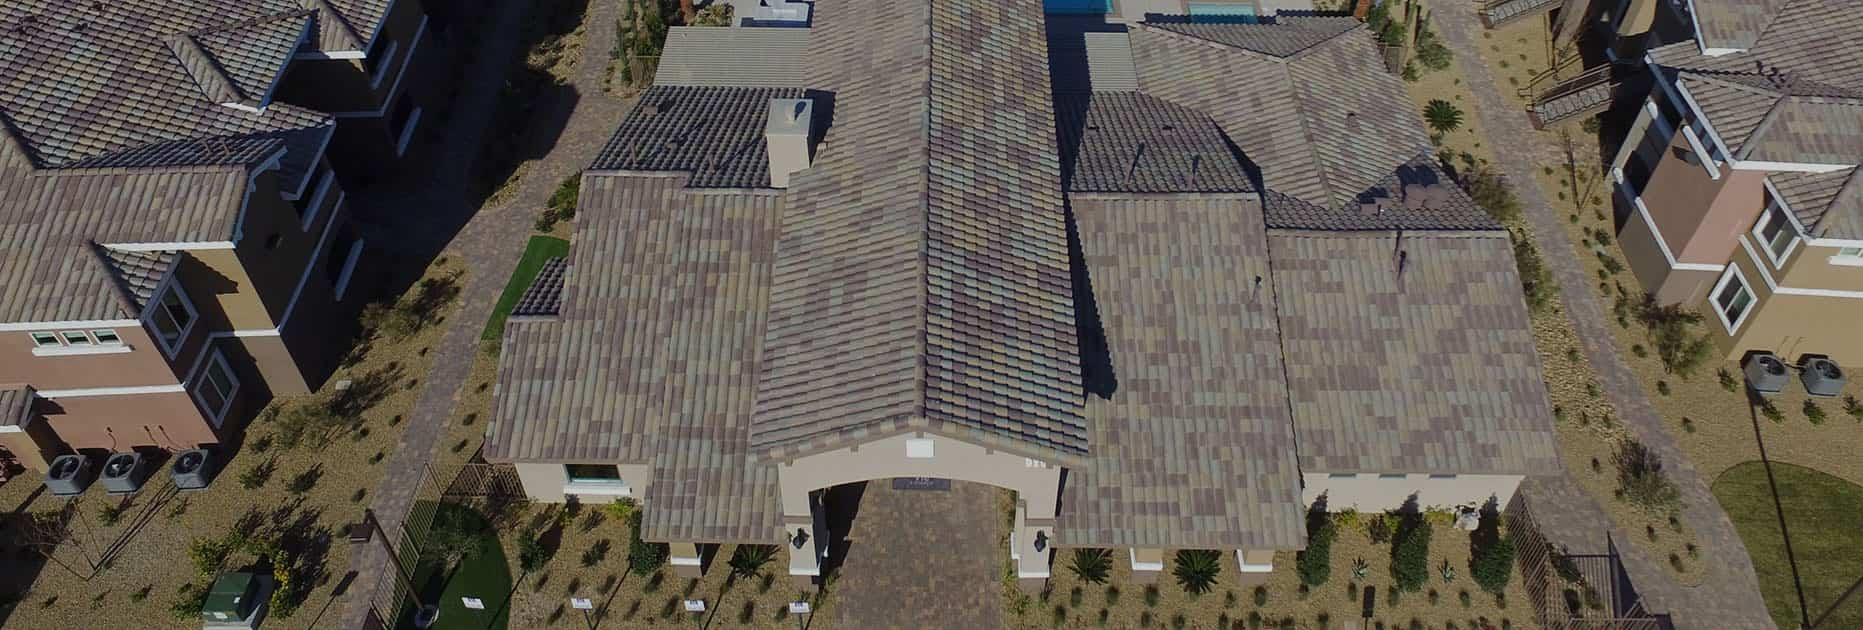 las vegas multi-family residential roofing